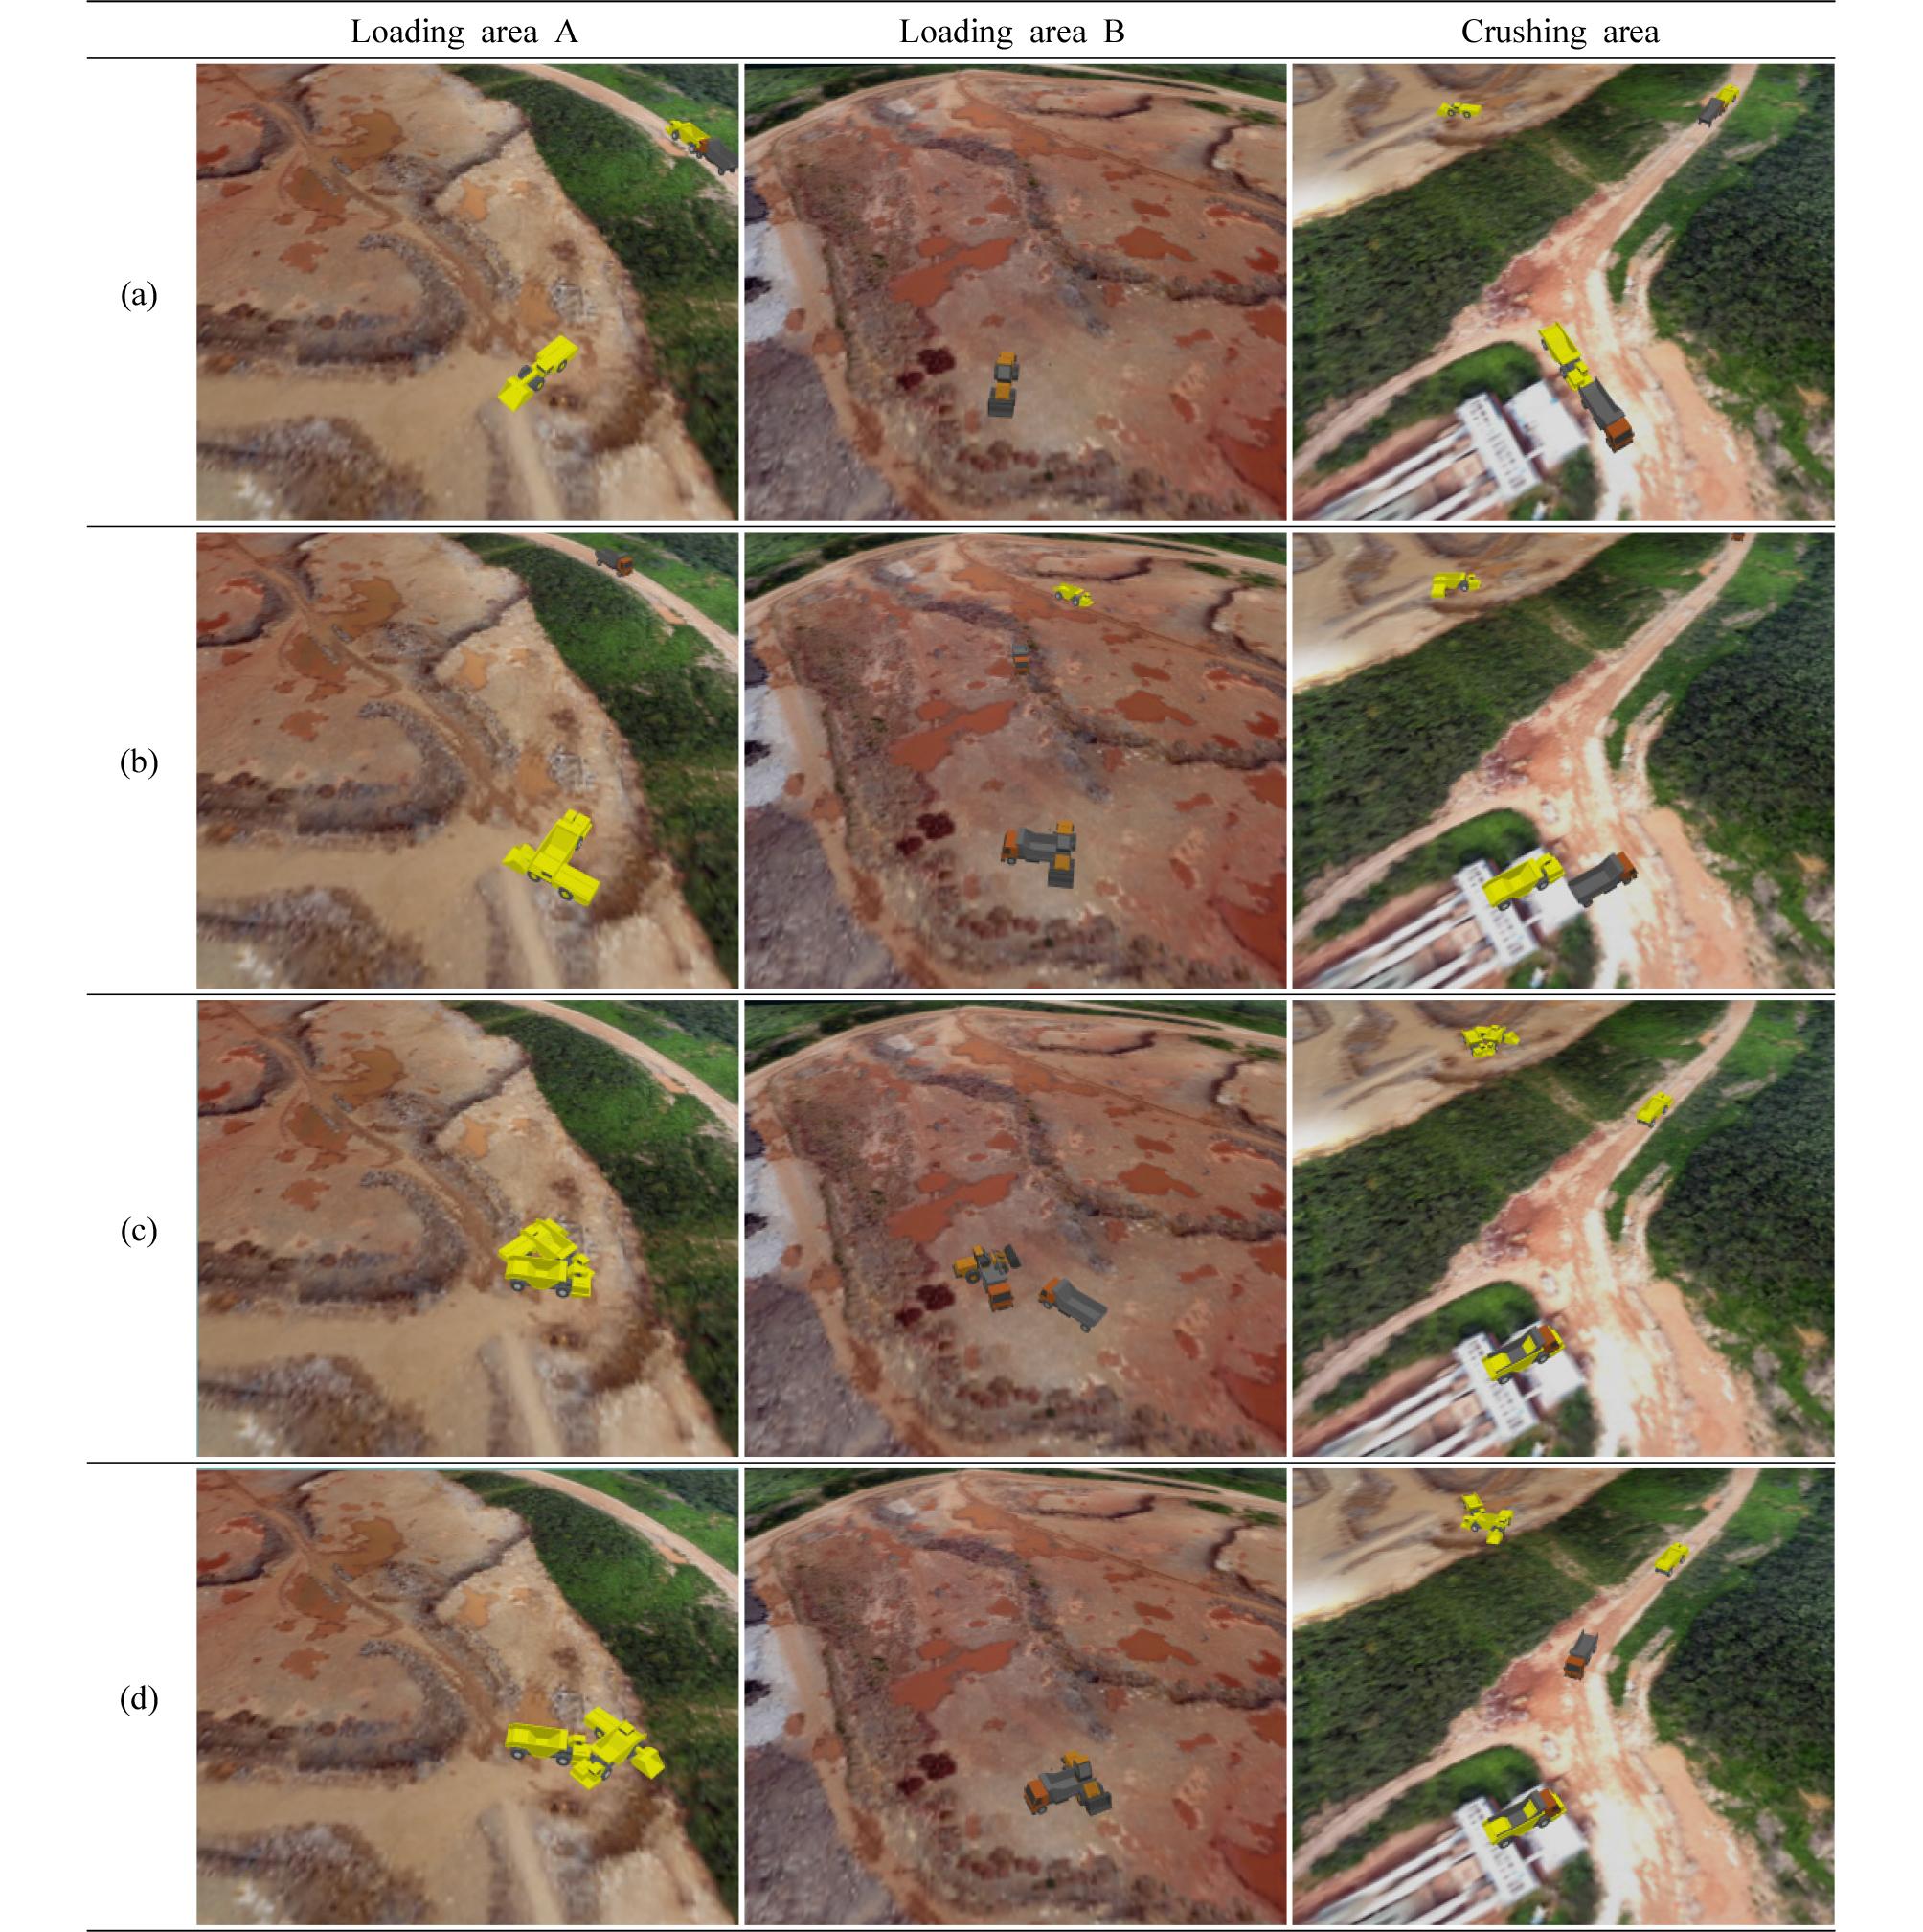 http://static.apub.kr/journalsite/sites/ksmer/2020-057-01/N0330570105/images/ksmer_57_01_05_F8.jpg